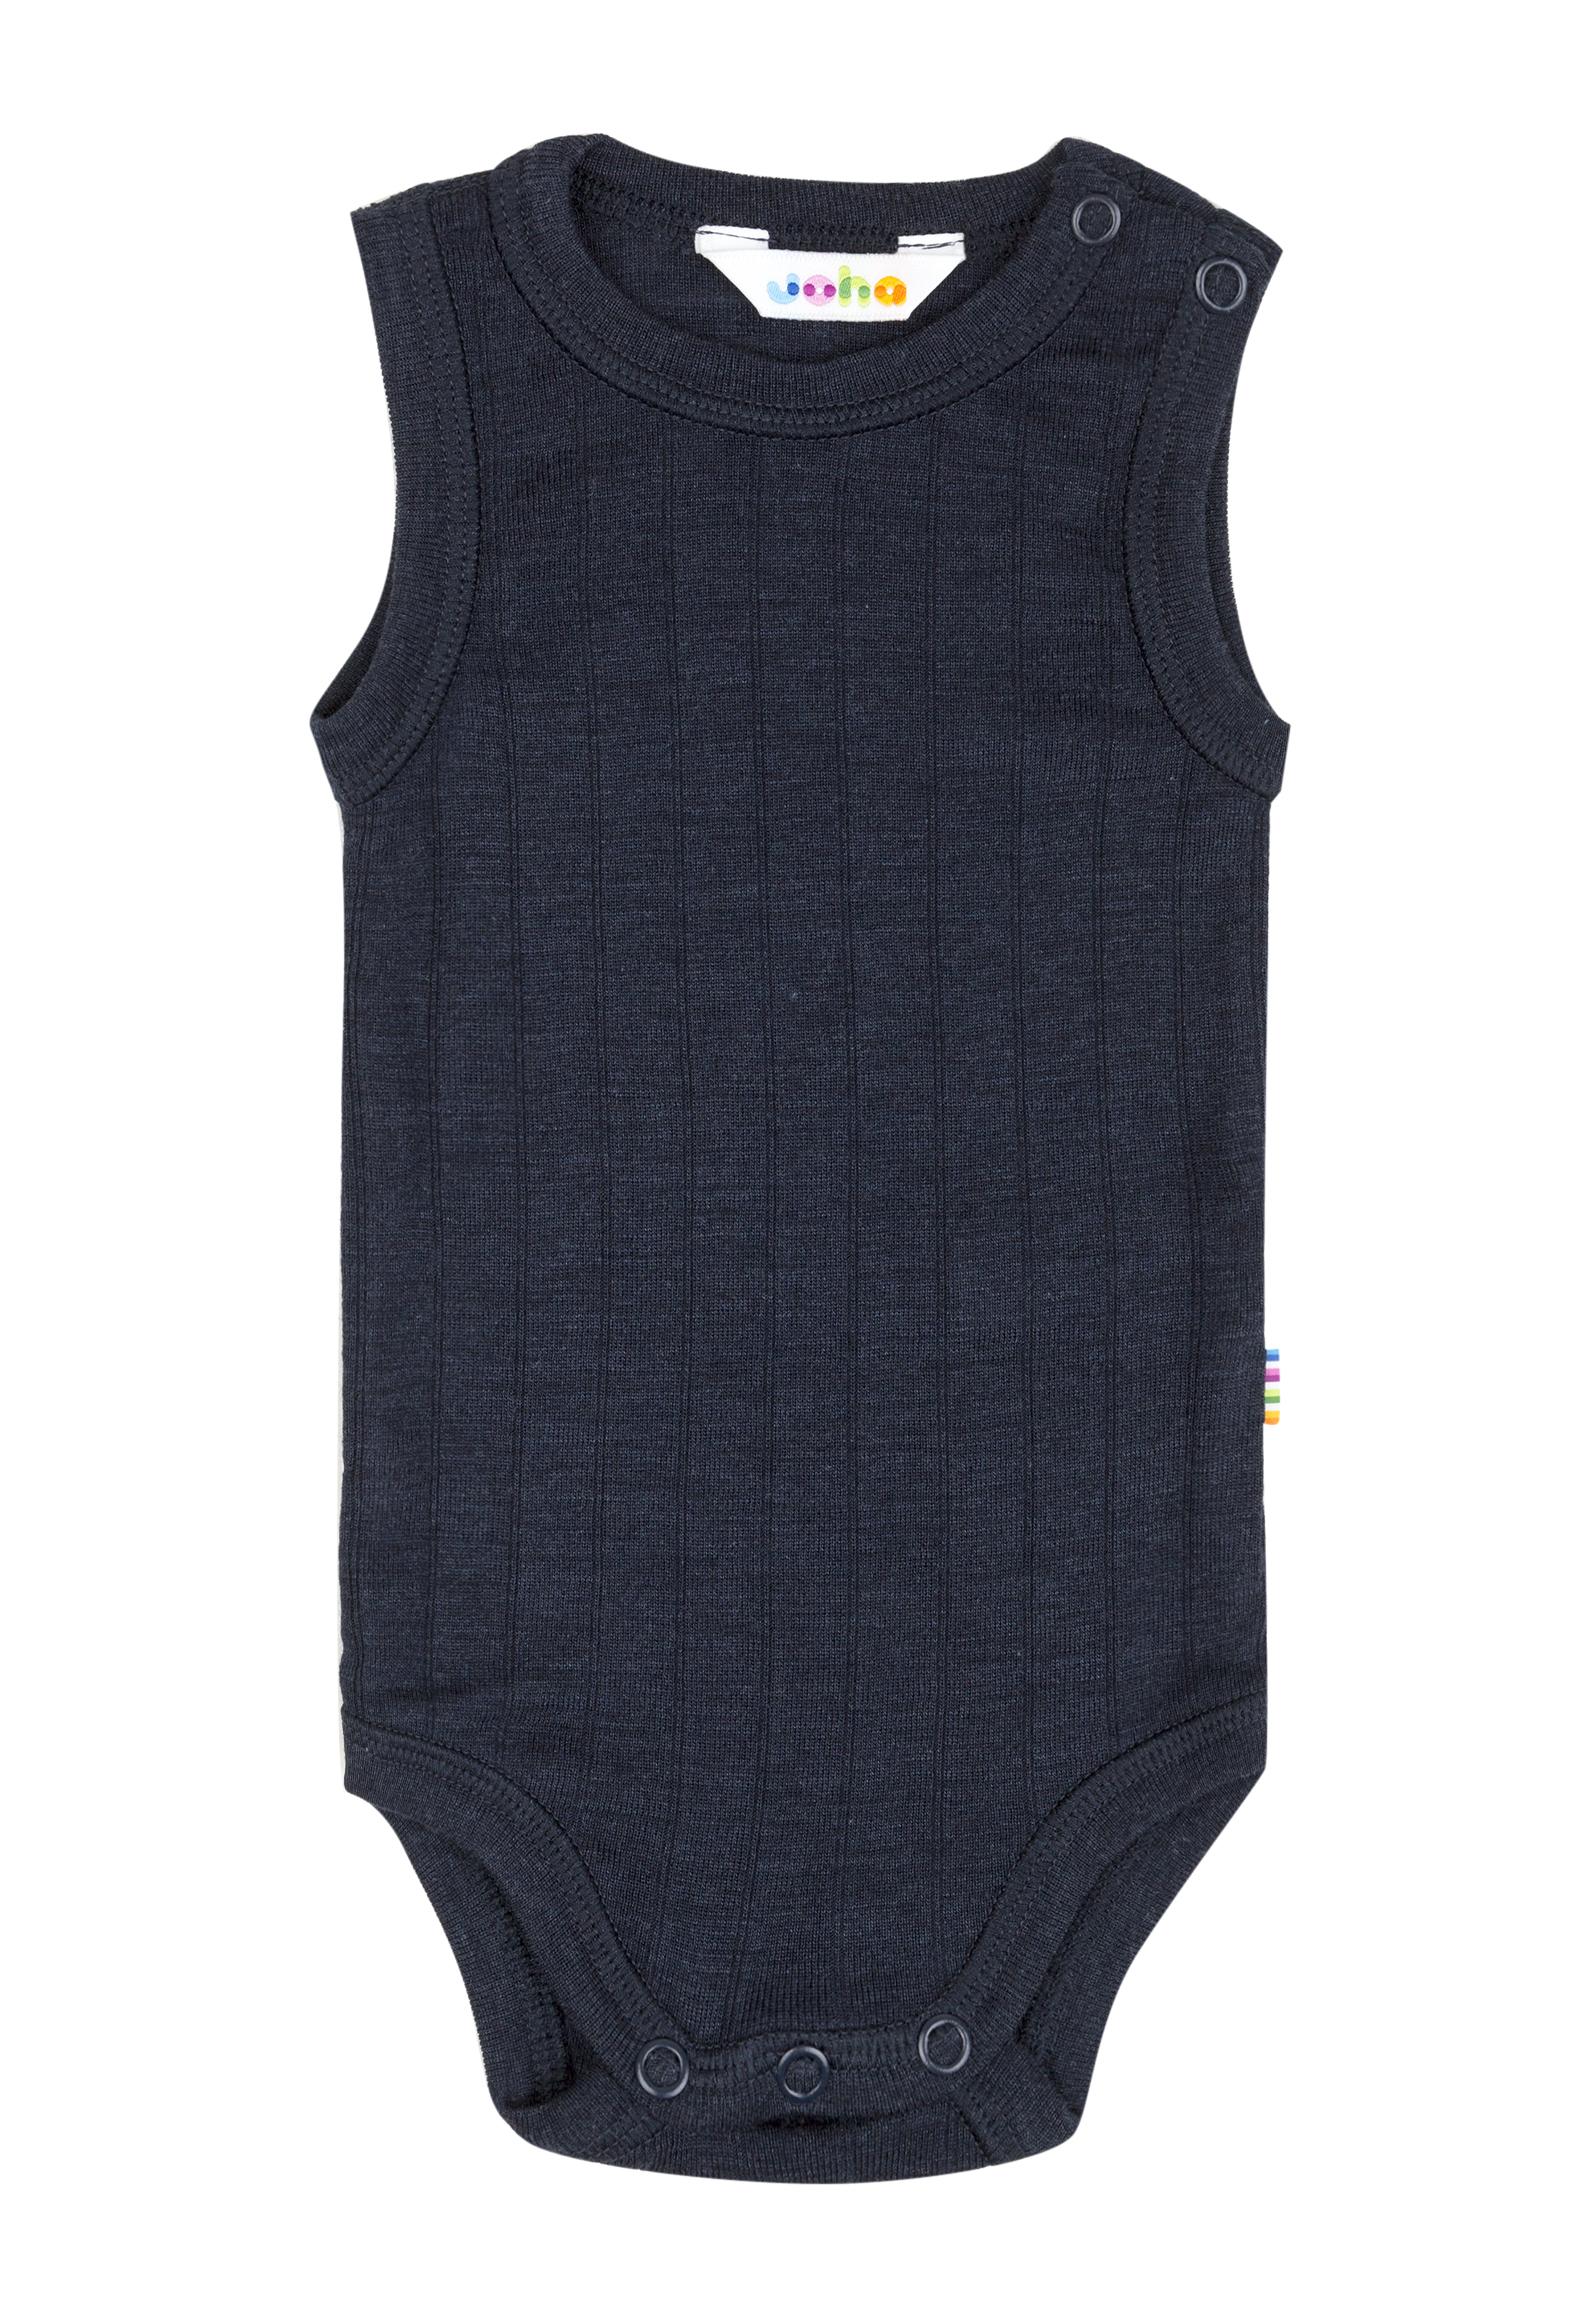 Joha 65517-185 sleeveless body, navy, 70